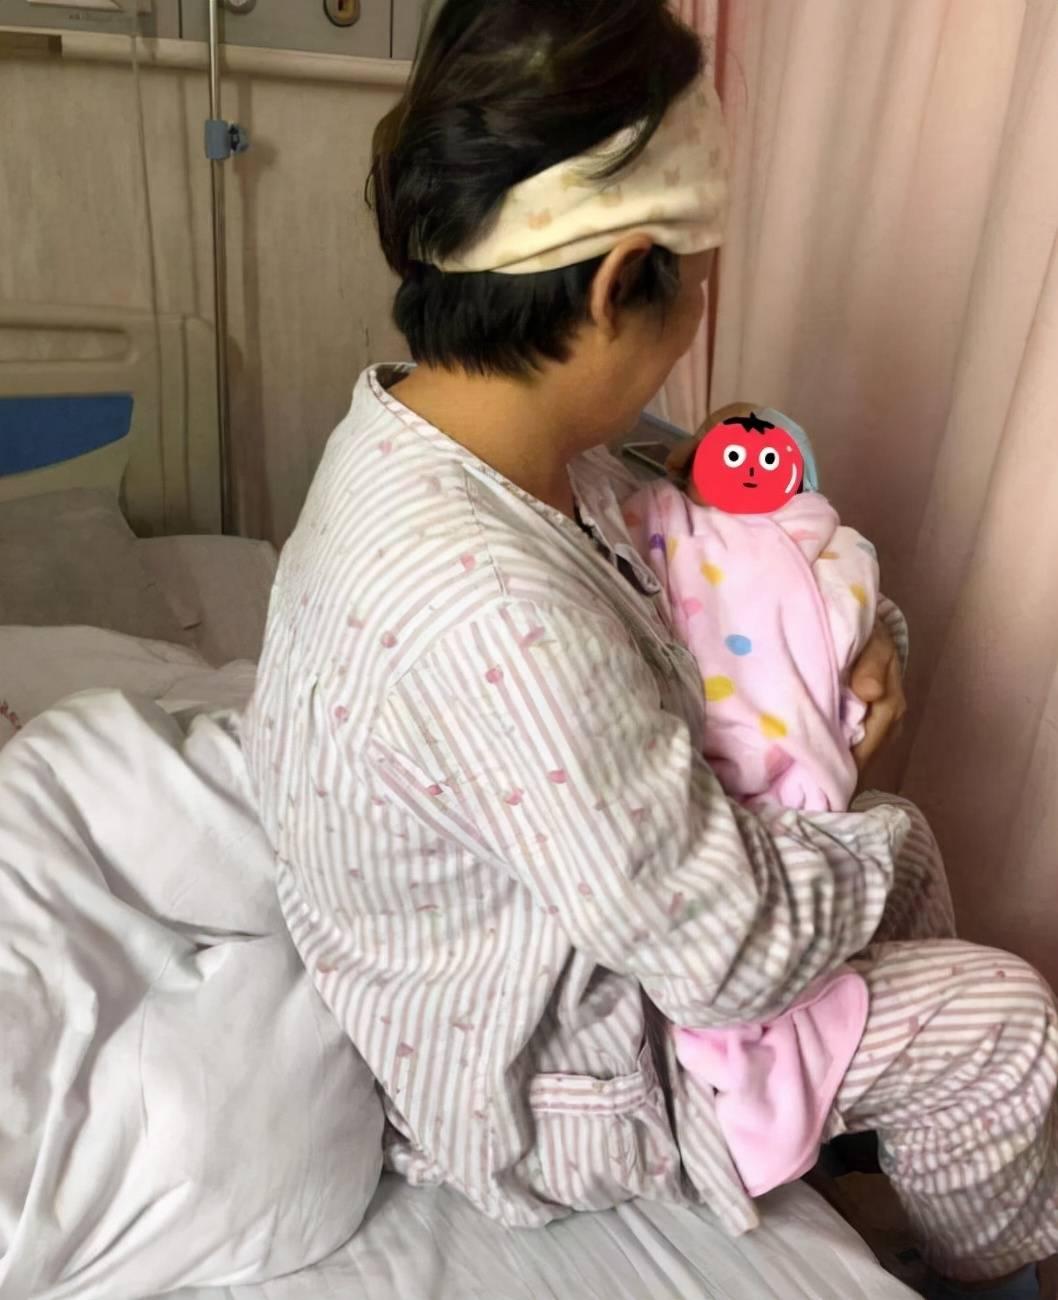 为何很多孕妇不愿意去医院产检?这些煎熬,怀过孕的宝妈都经历过